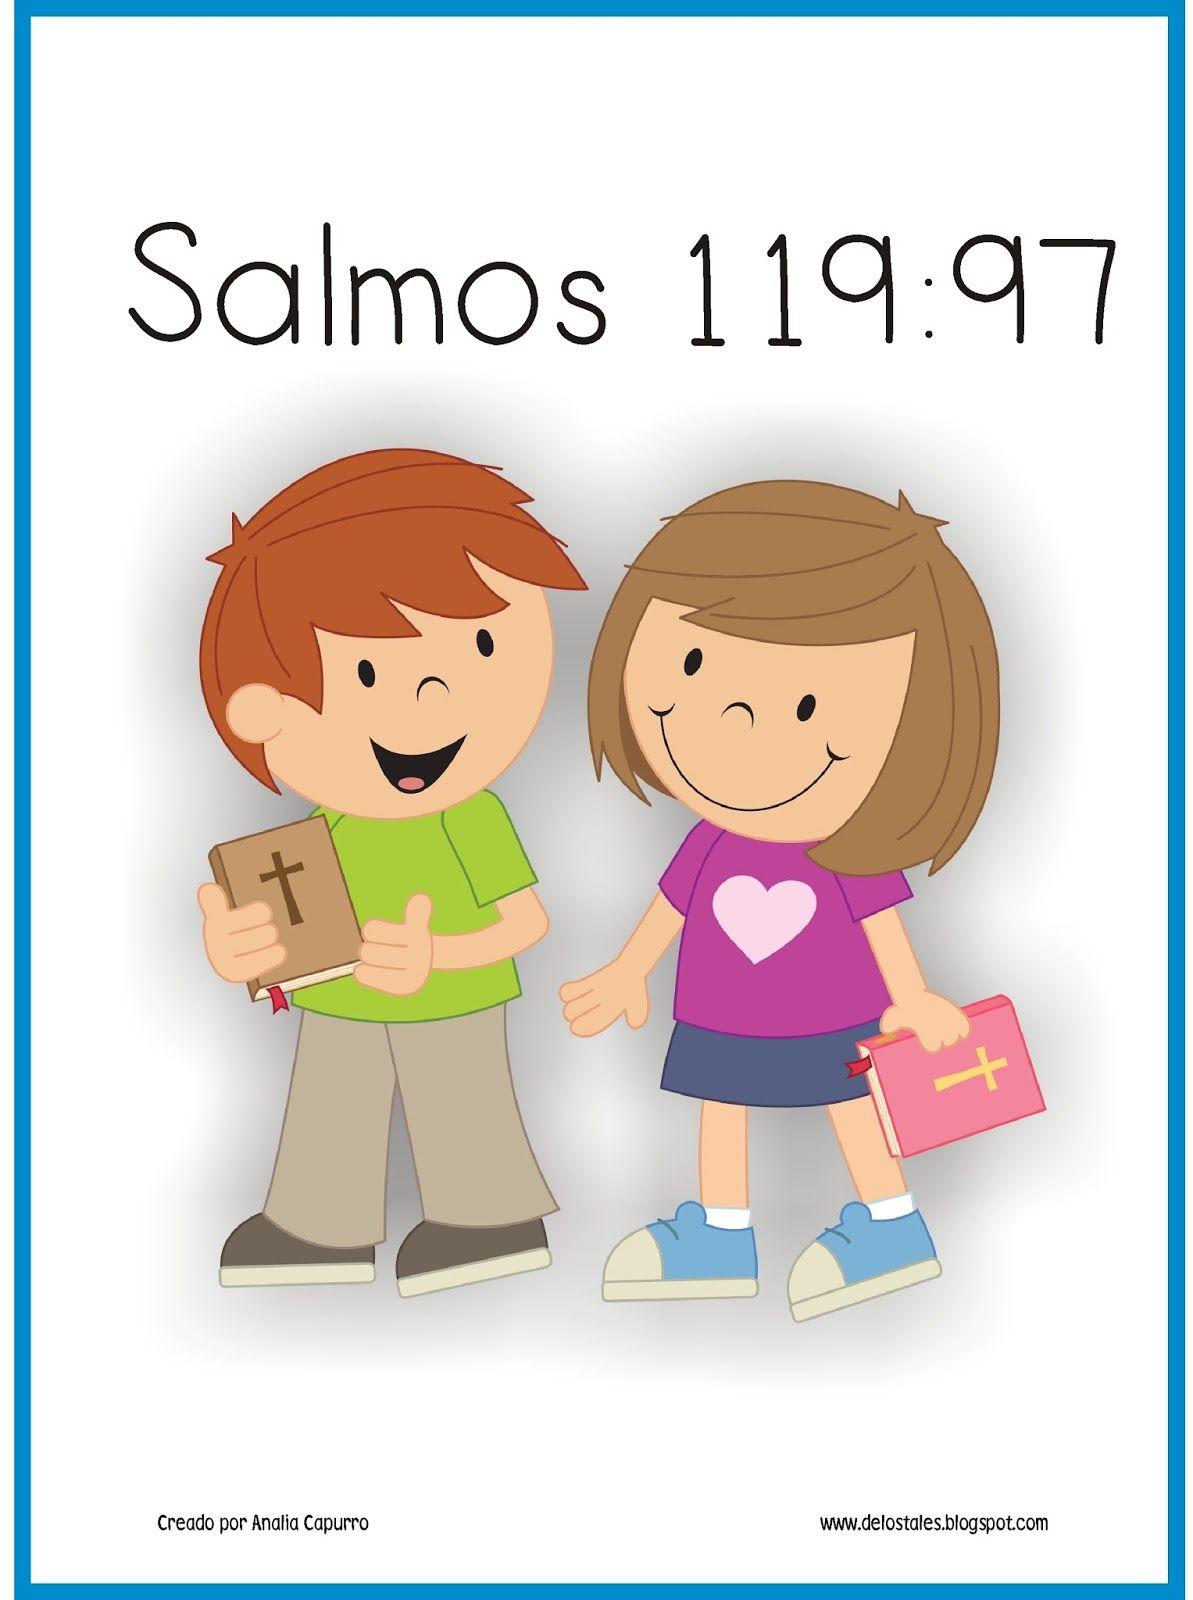 Salmos 119 97 Salmos Para Ninos Biblia Para Ninos Ninos En La